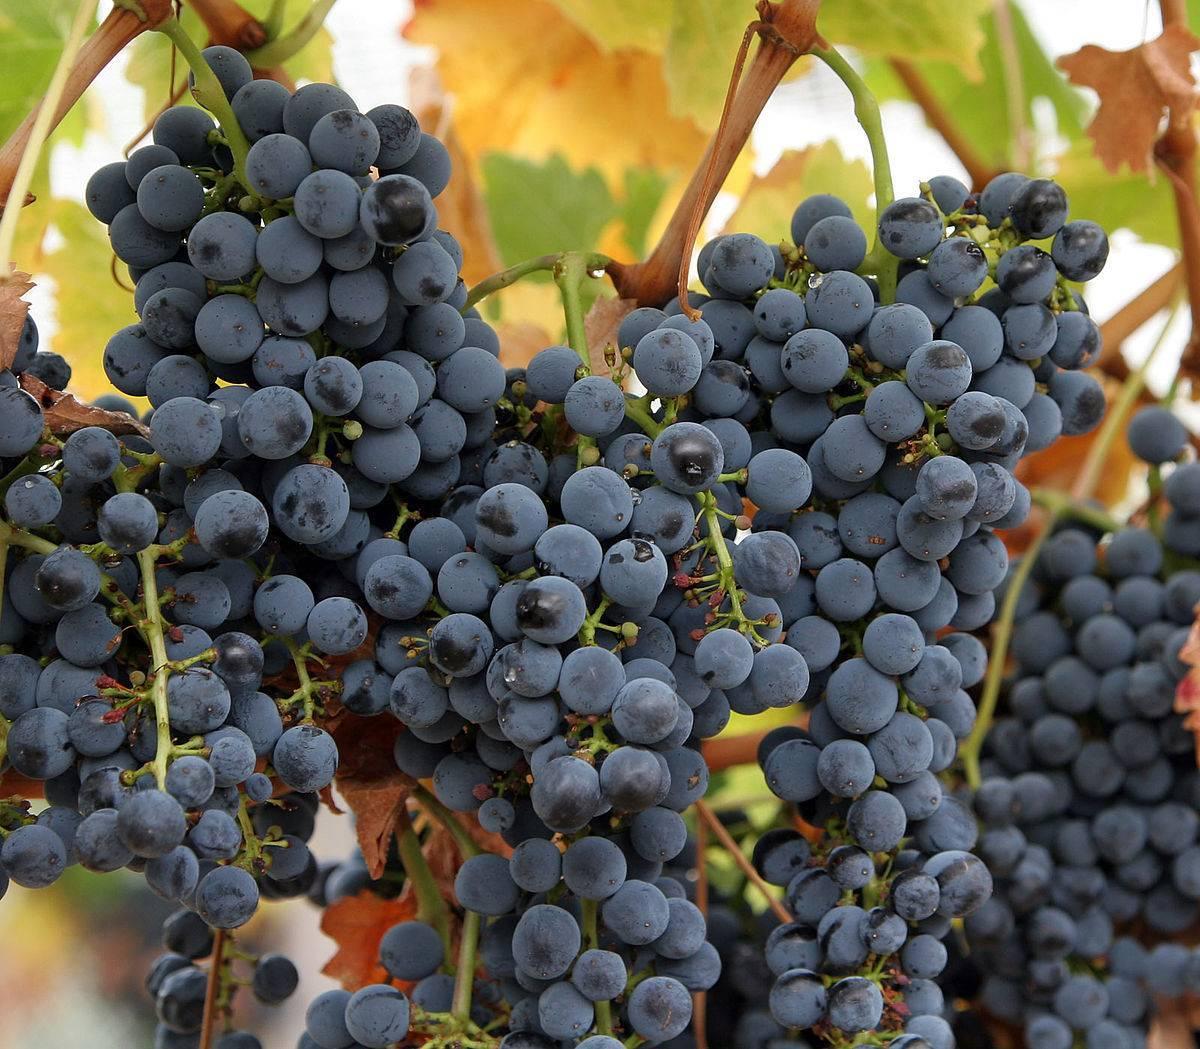 Лучшие сорта винограда для коньяка